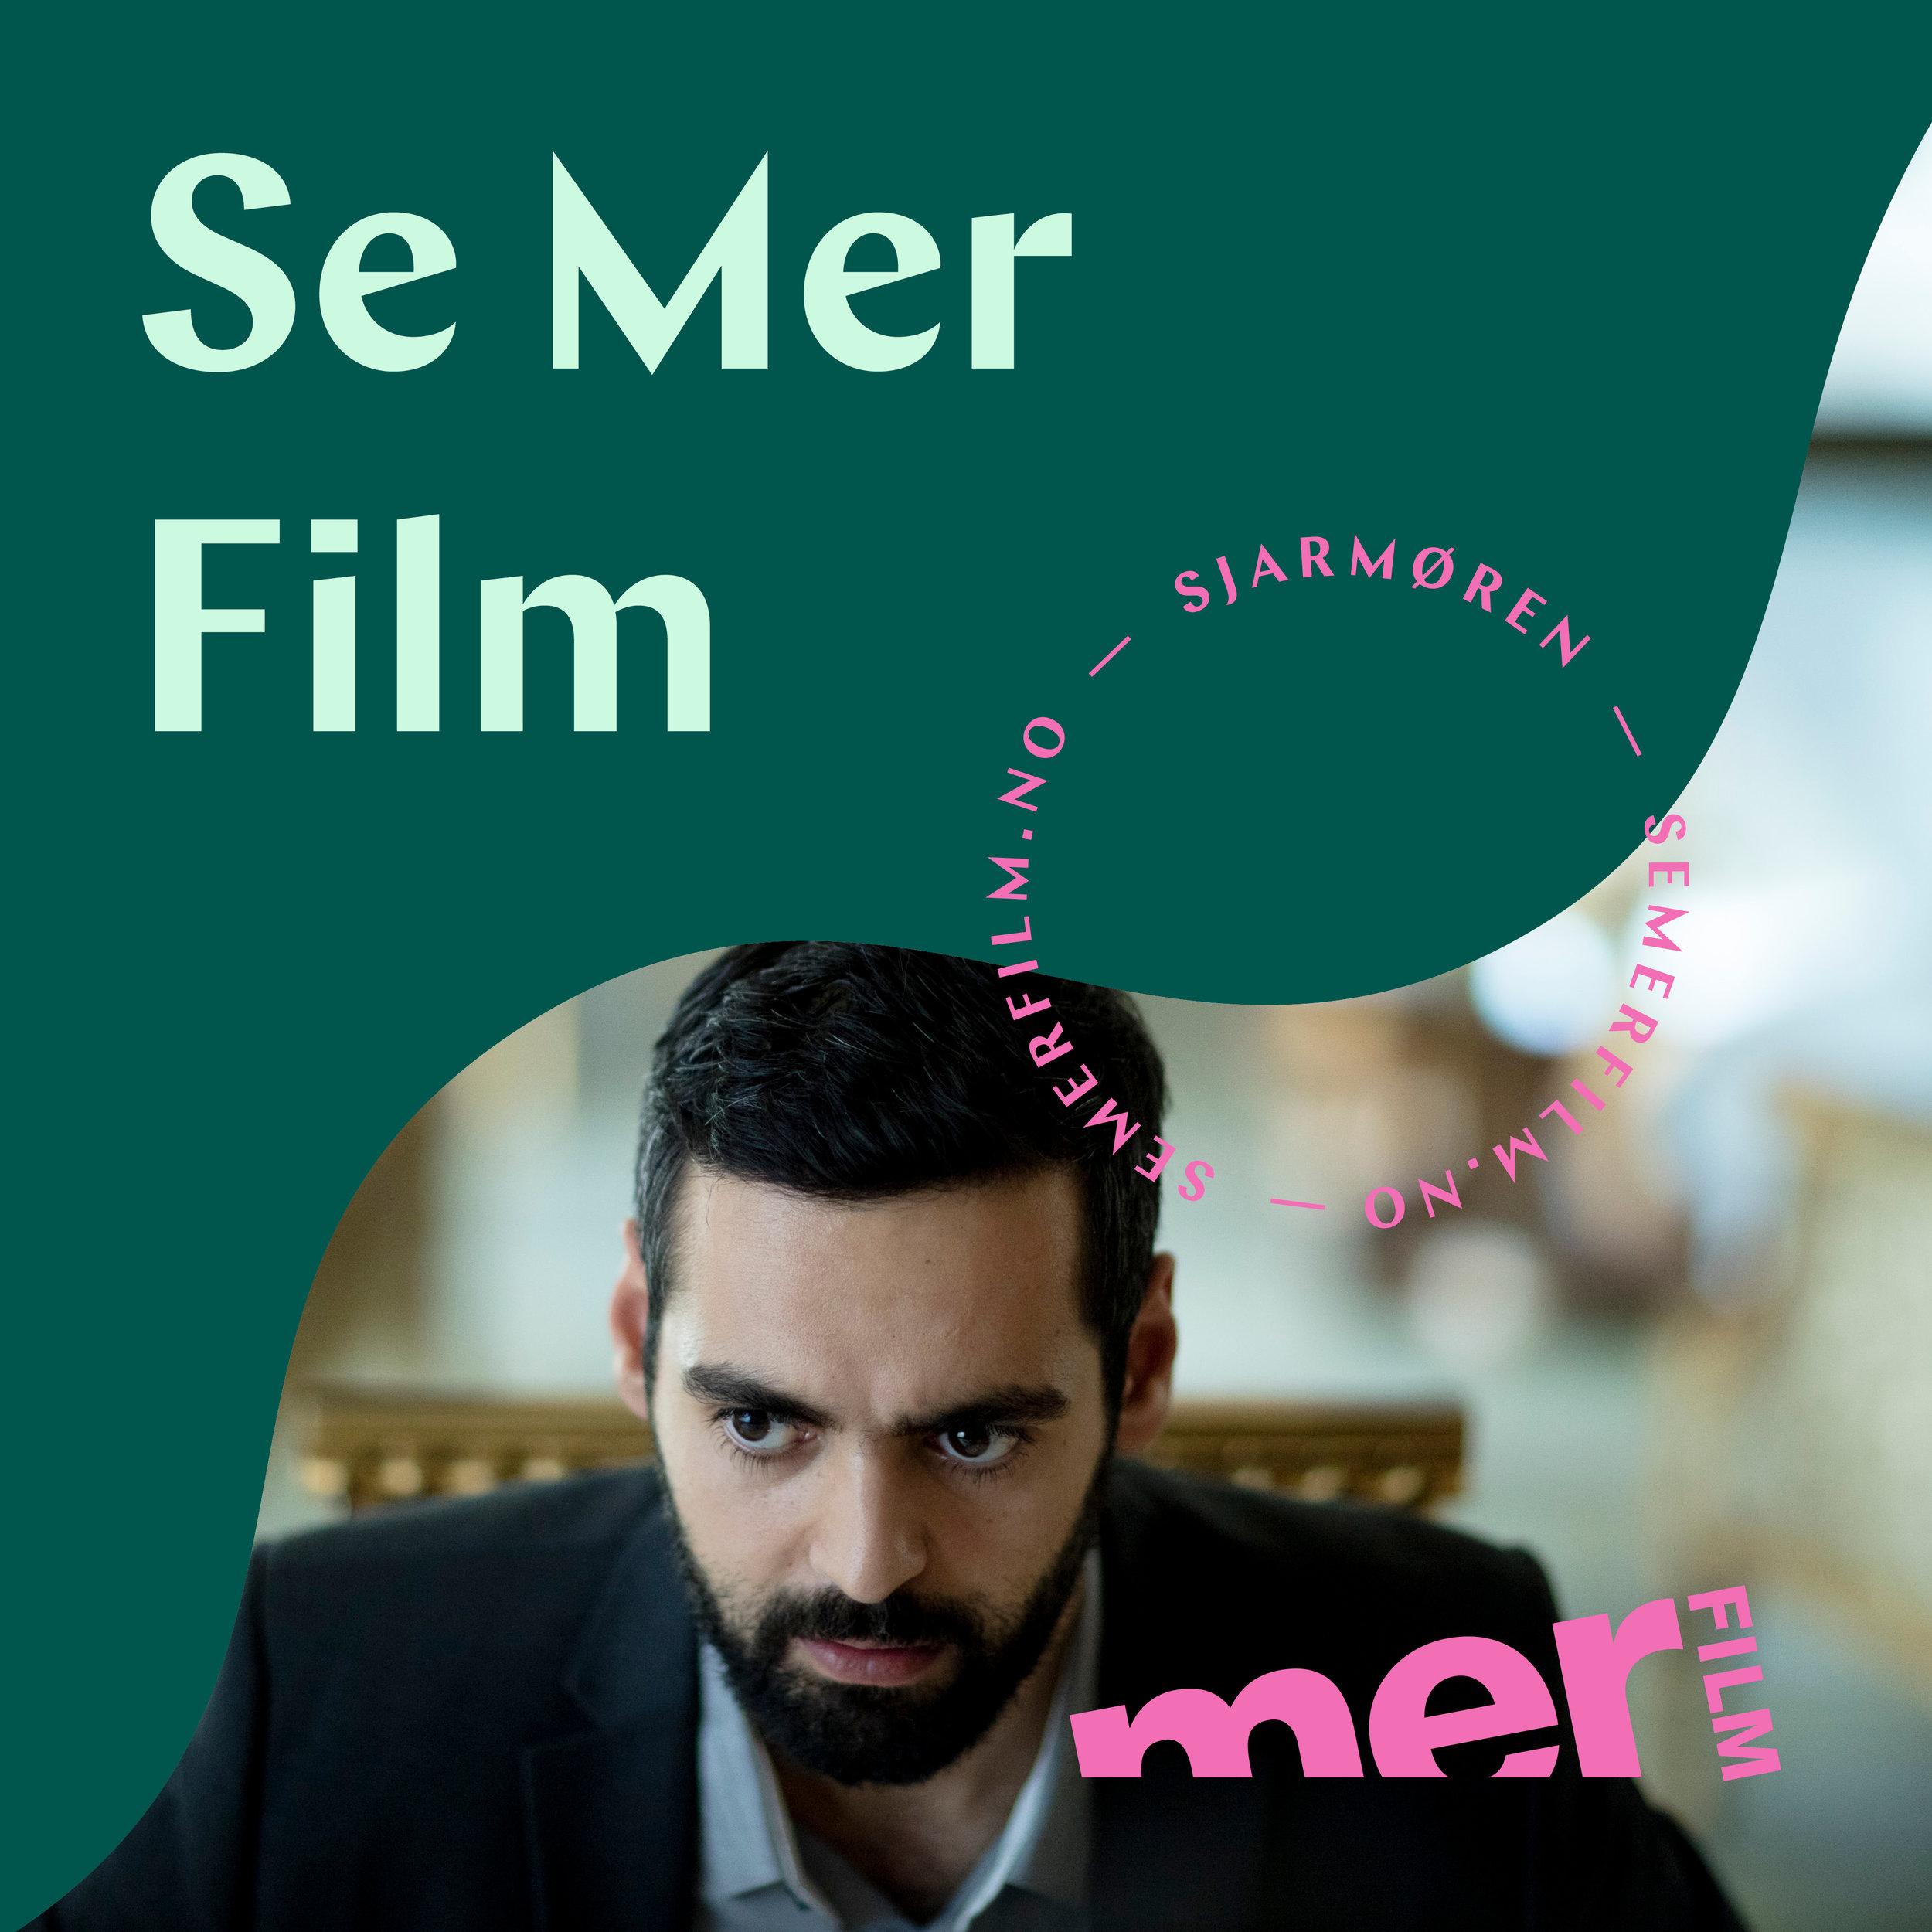 Se_Mer_film_podcast-Sjarmoren.jpg